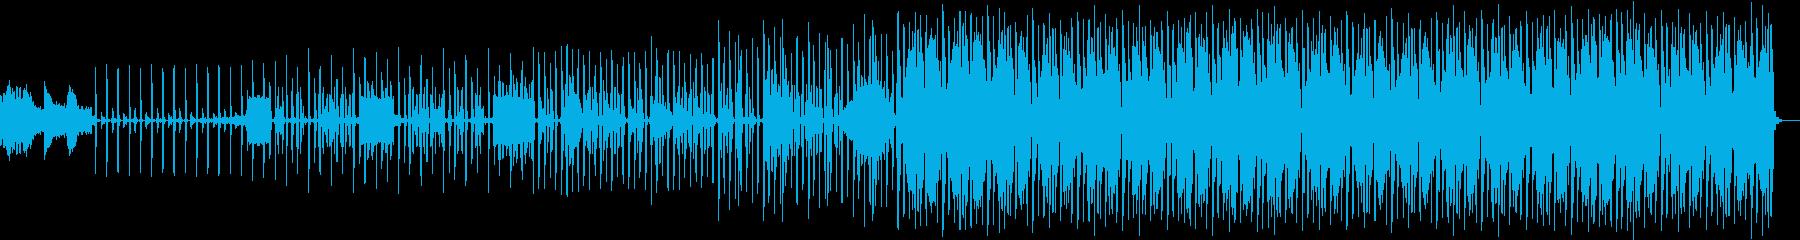 宇宙をイメージした神秘的な楽曲の再生済みの波形